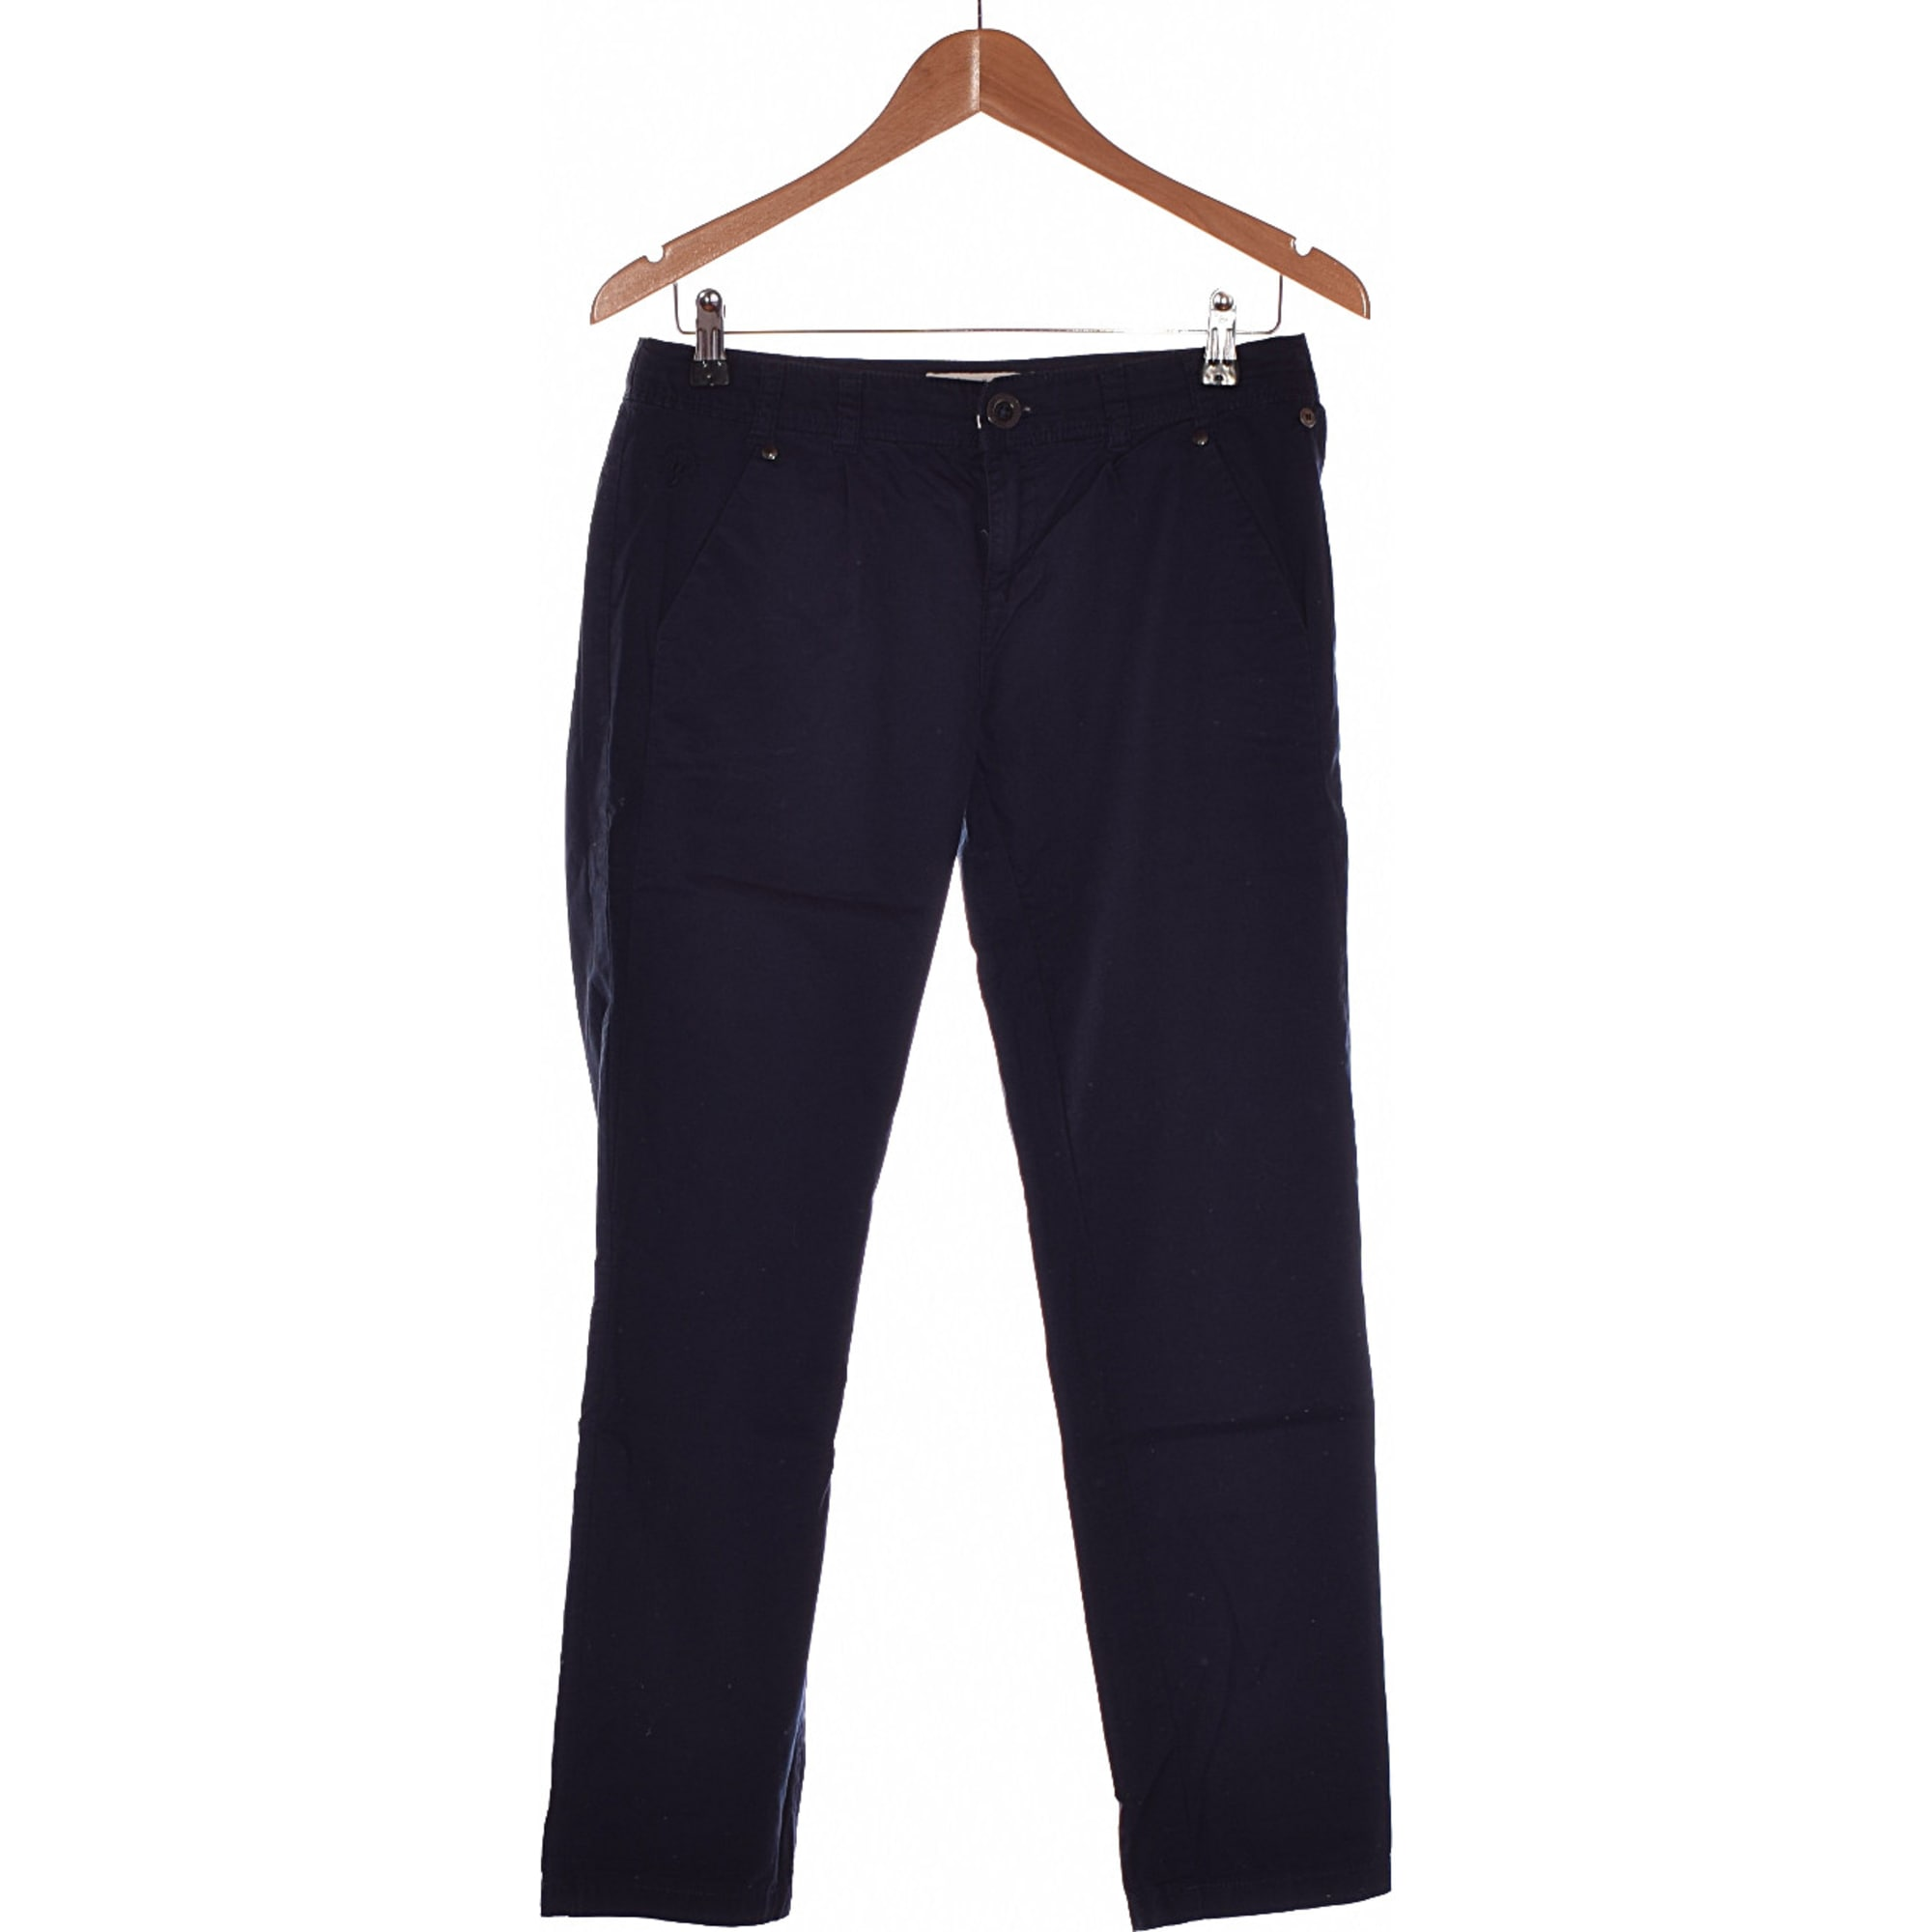 Pantalon droit BONOBO Bleu, bleu marine, bleu turquoise